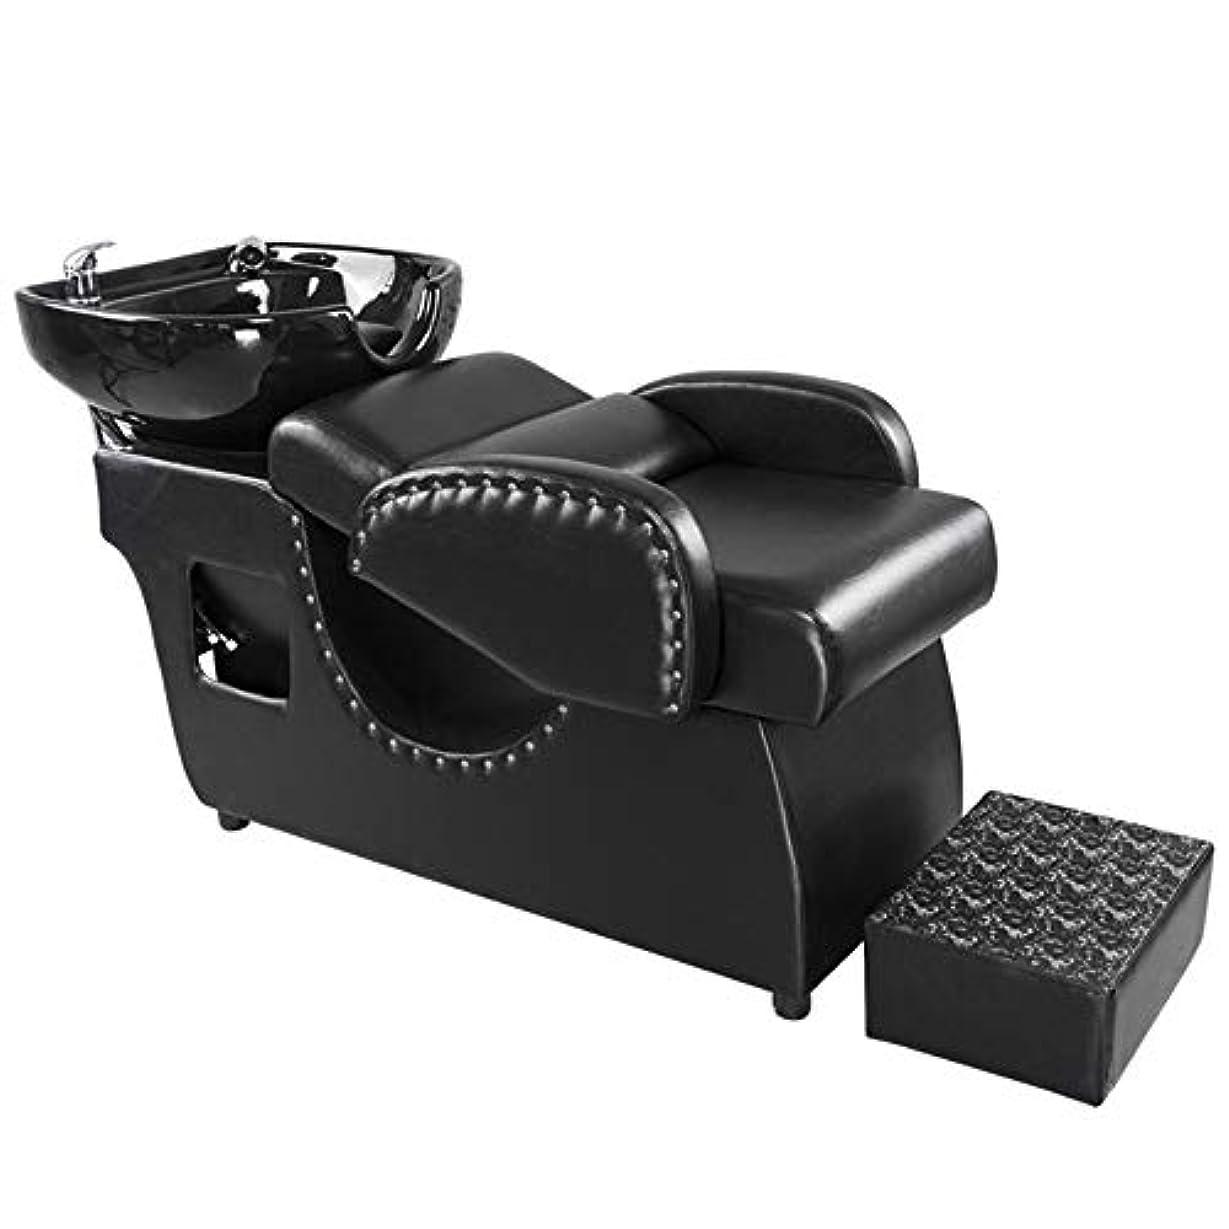 ユーモラス何よりも浮くシャンプーの理髪師の逆洗の椅子、鉱泉の美容院のためのベッドを洗う陶磁器の洗面器の流しの流しの椅子